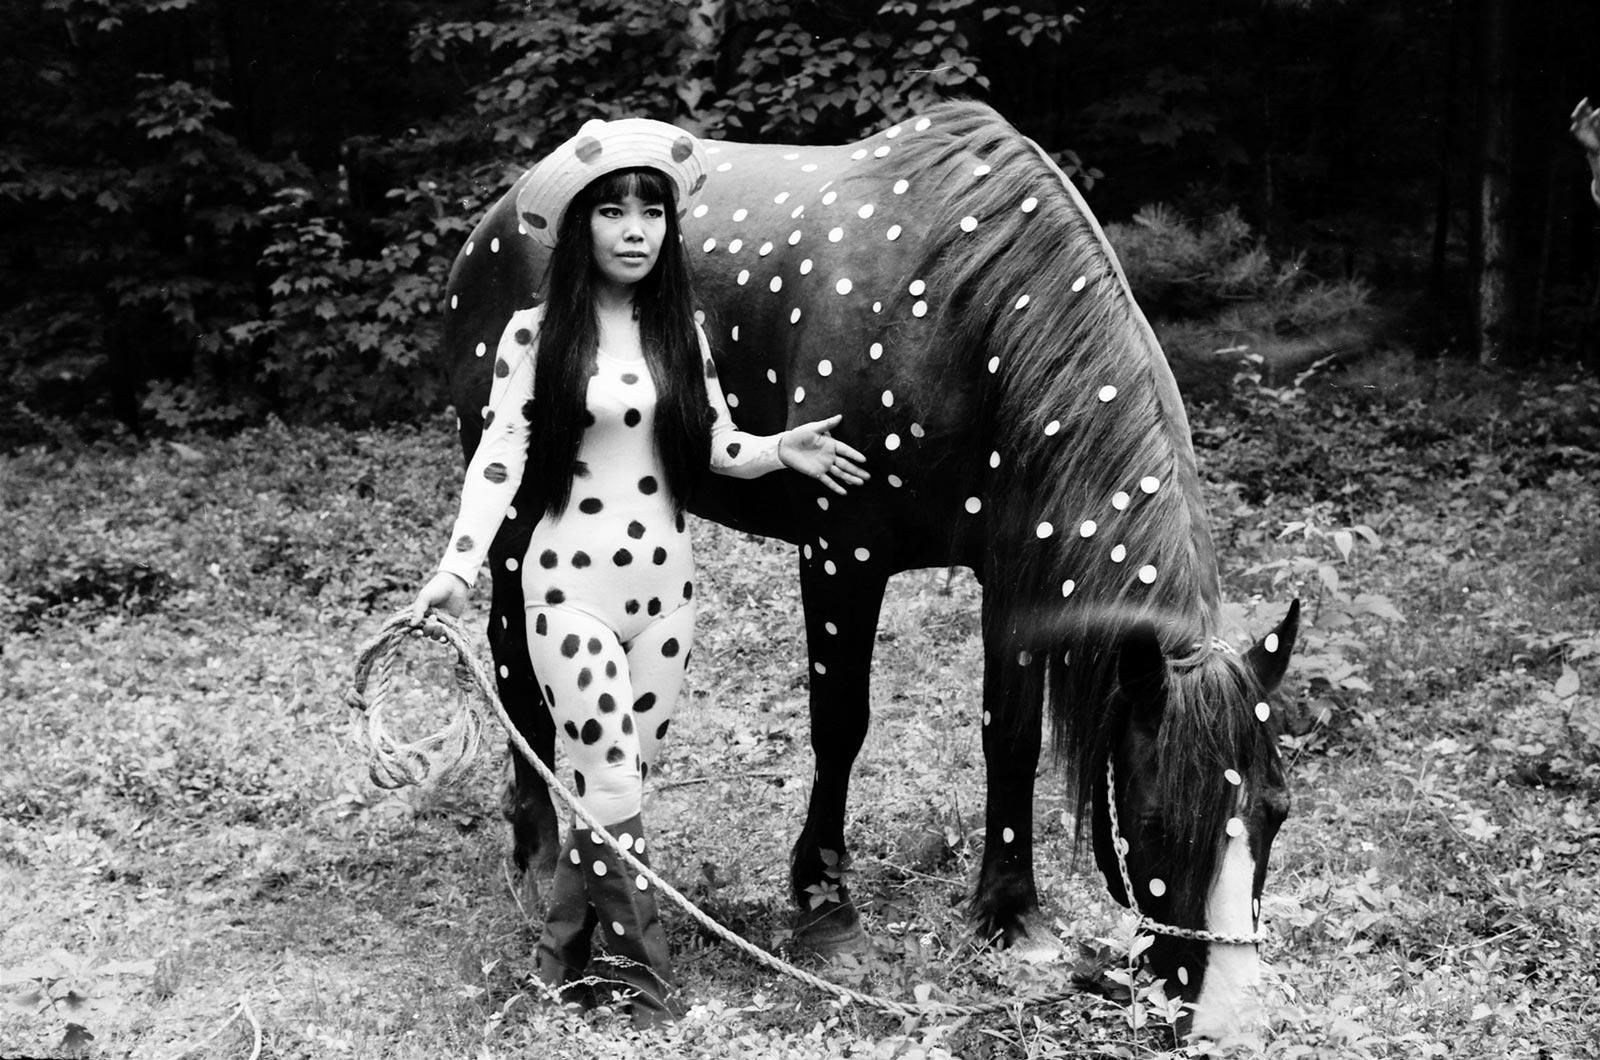 Yayoi Kusama, Horse play Happening Woodstock, 1967